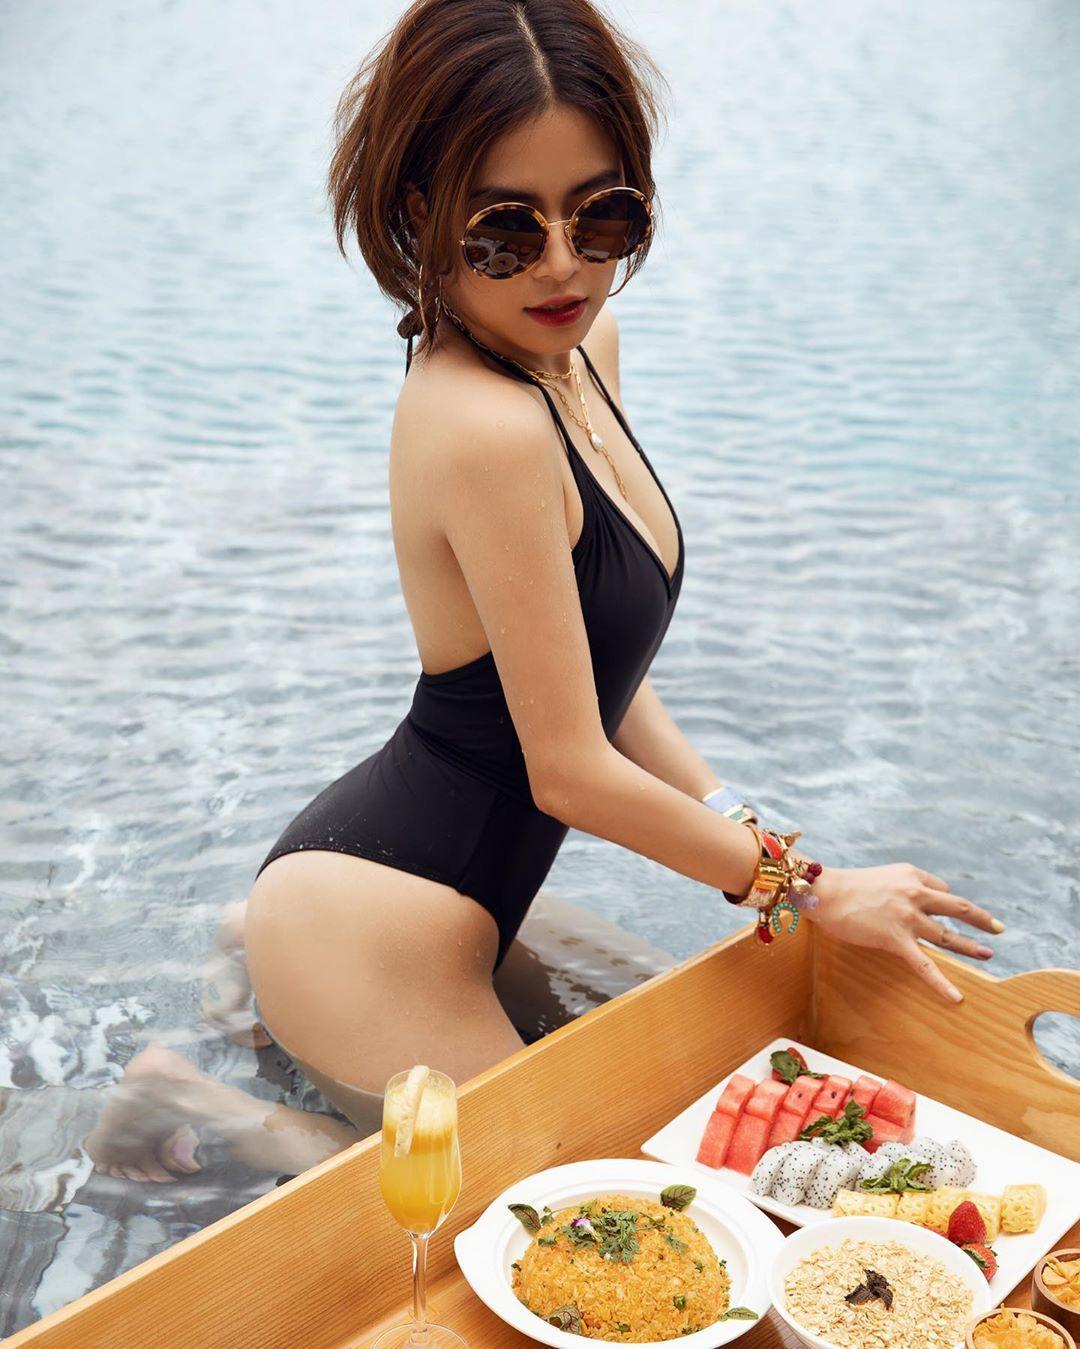 Hoàng Thùy Linh 'bung lụa' với loạt hình táo bạo khoe body, nếu so về độ sexy nóng bỏng thì chẳng thua kém gì Chi Pu - Ảnh 2